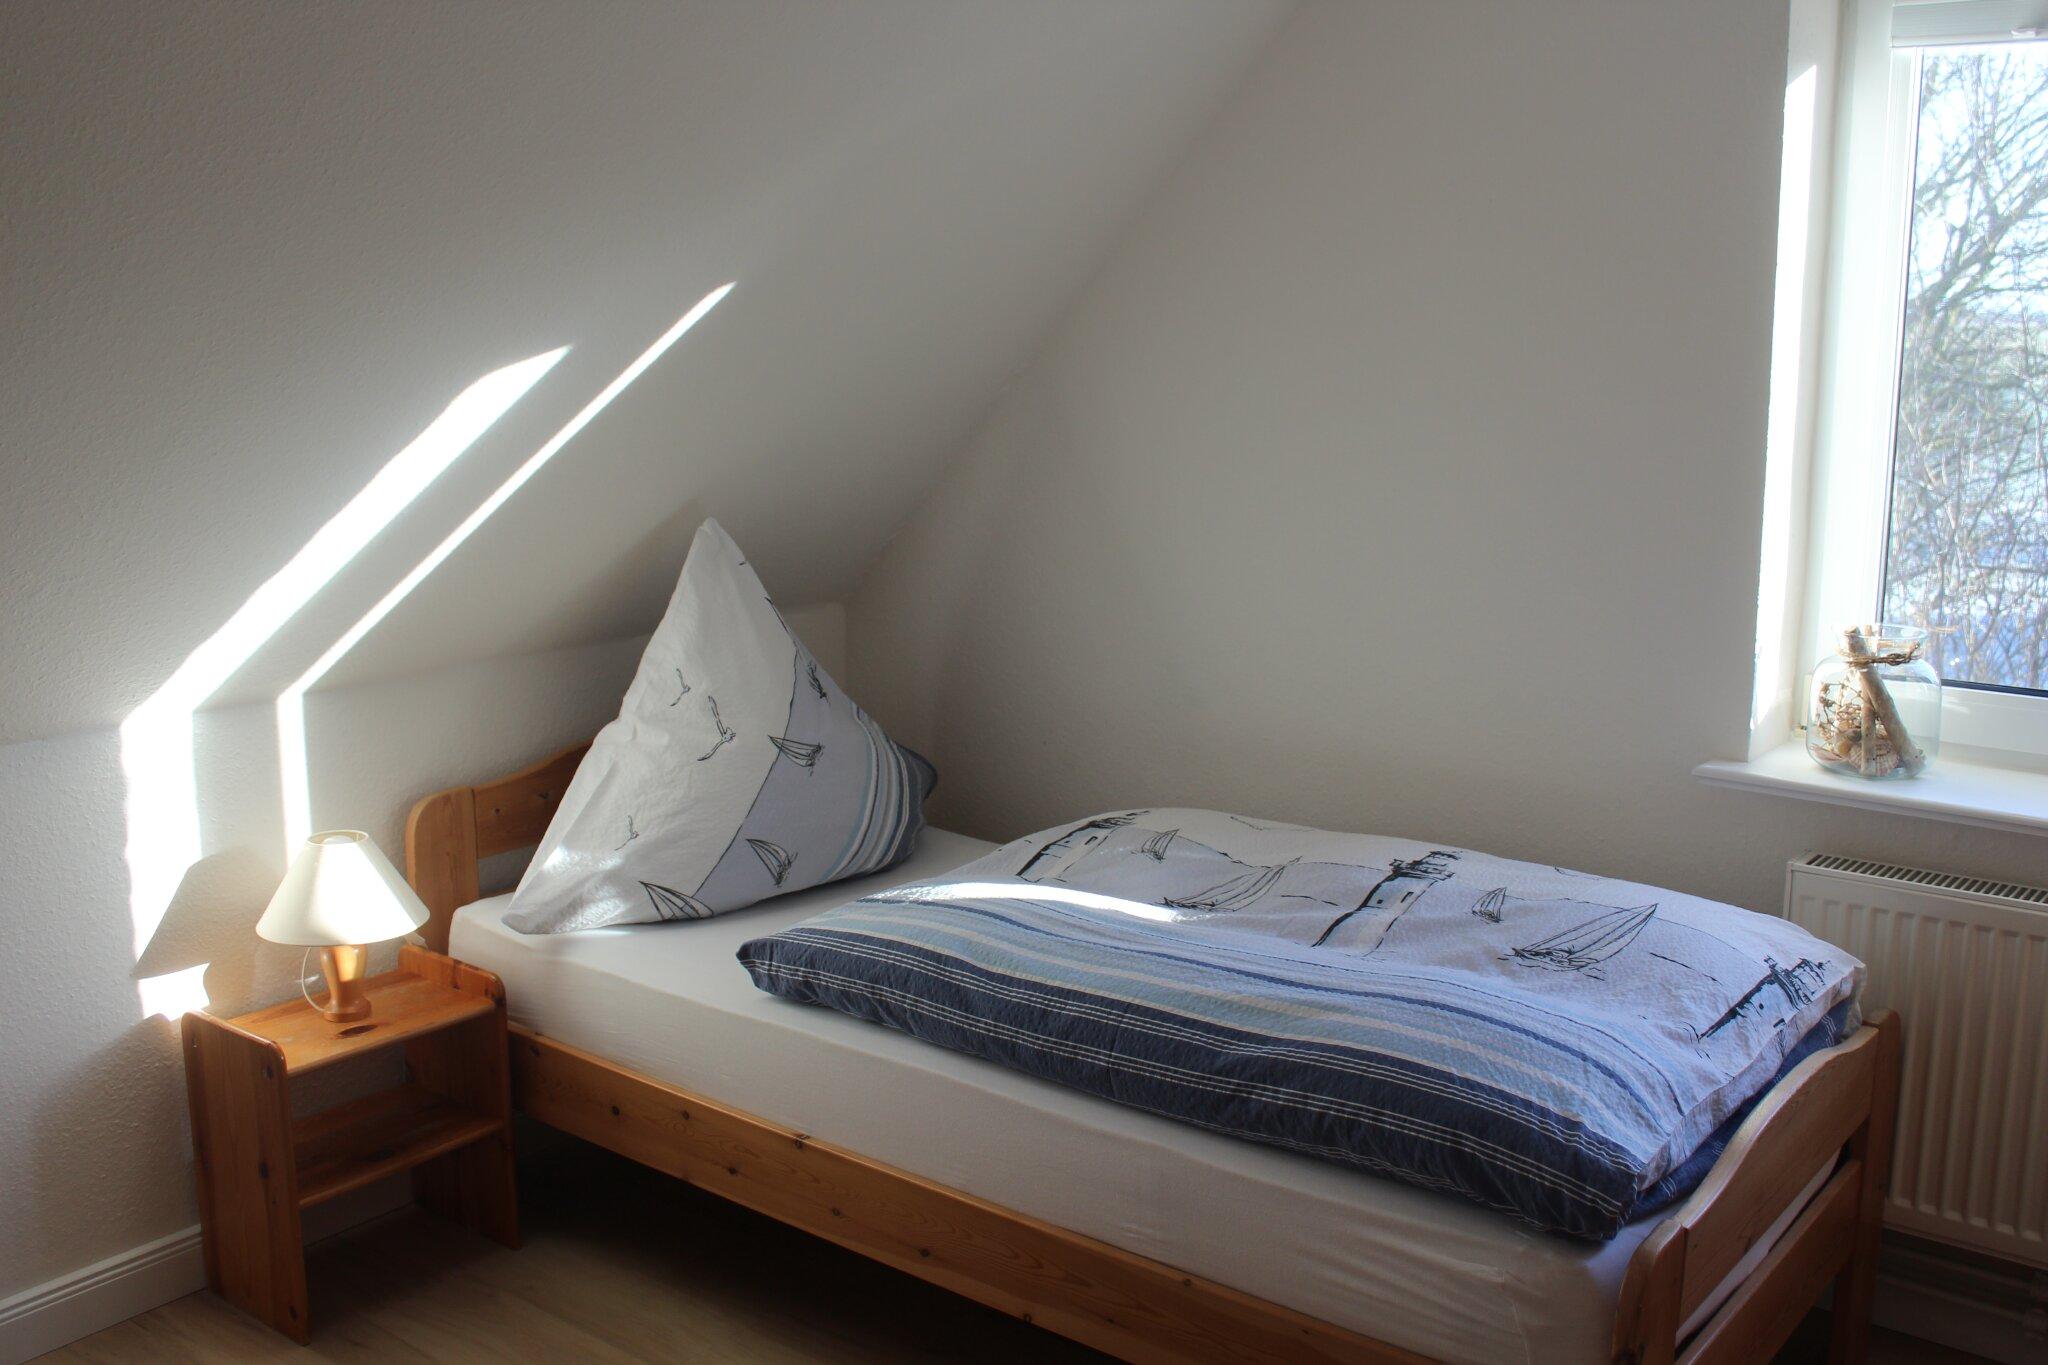 Der Einblick ins kleine Einzelzimmer